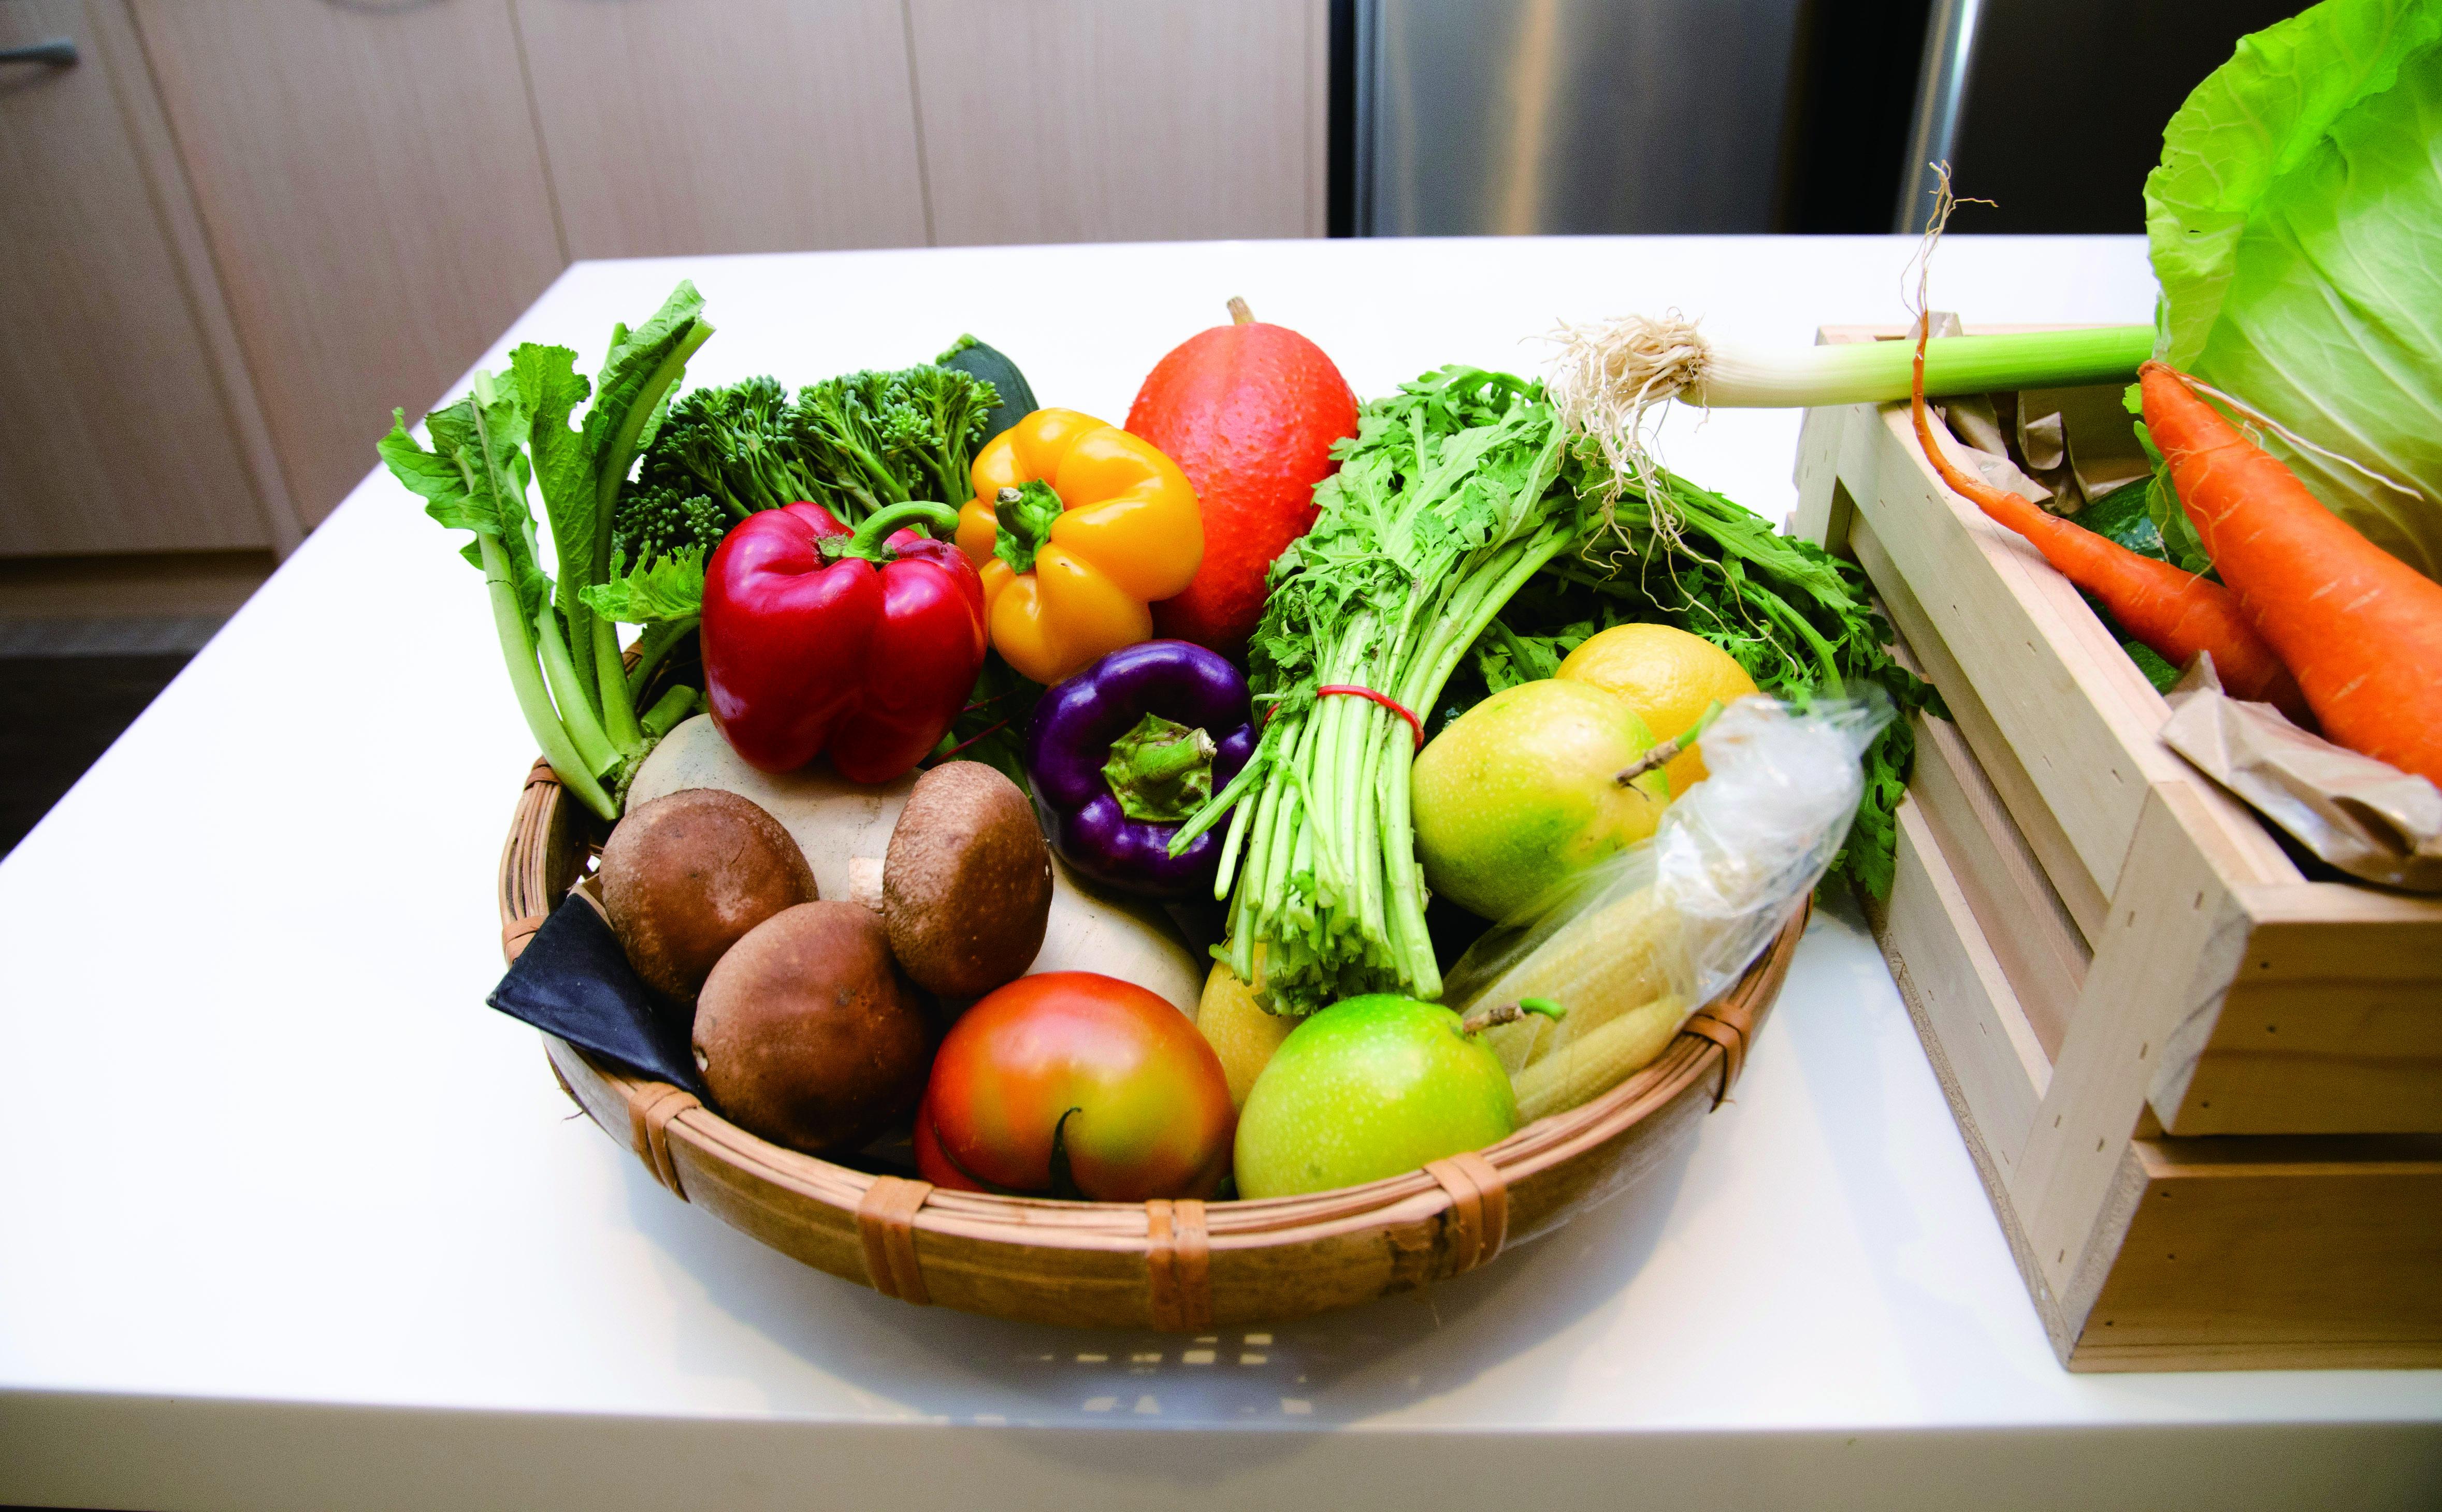 養成良好的飲食習慣,多吃蔬菜水果,降低罹癌風險!